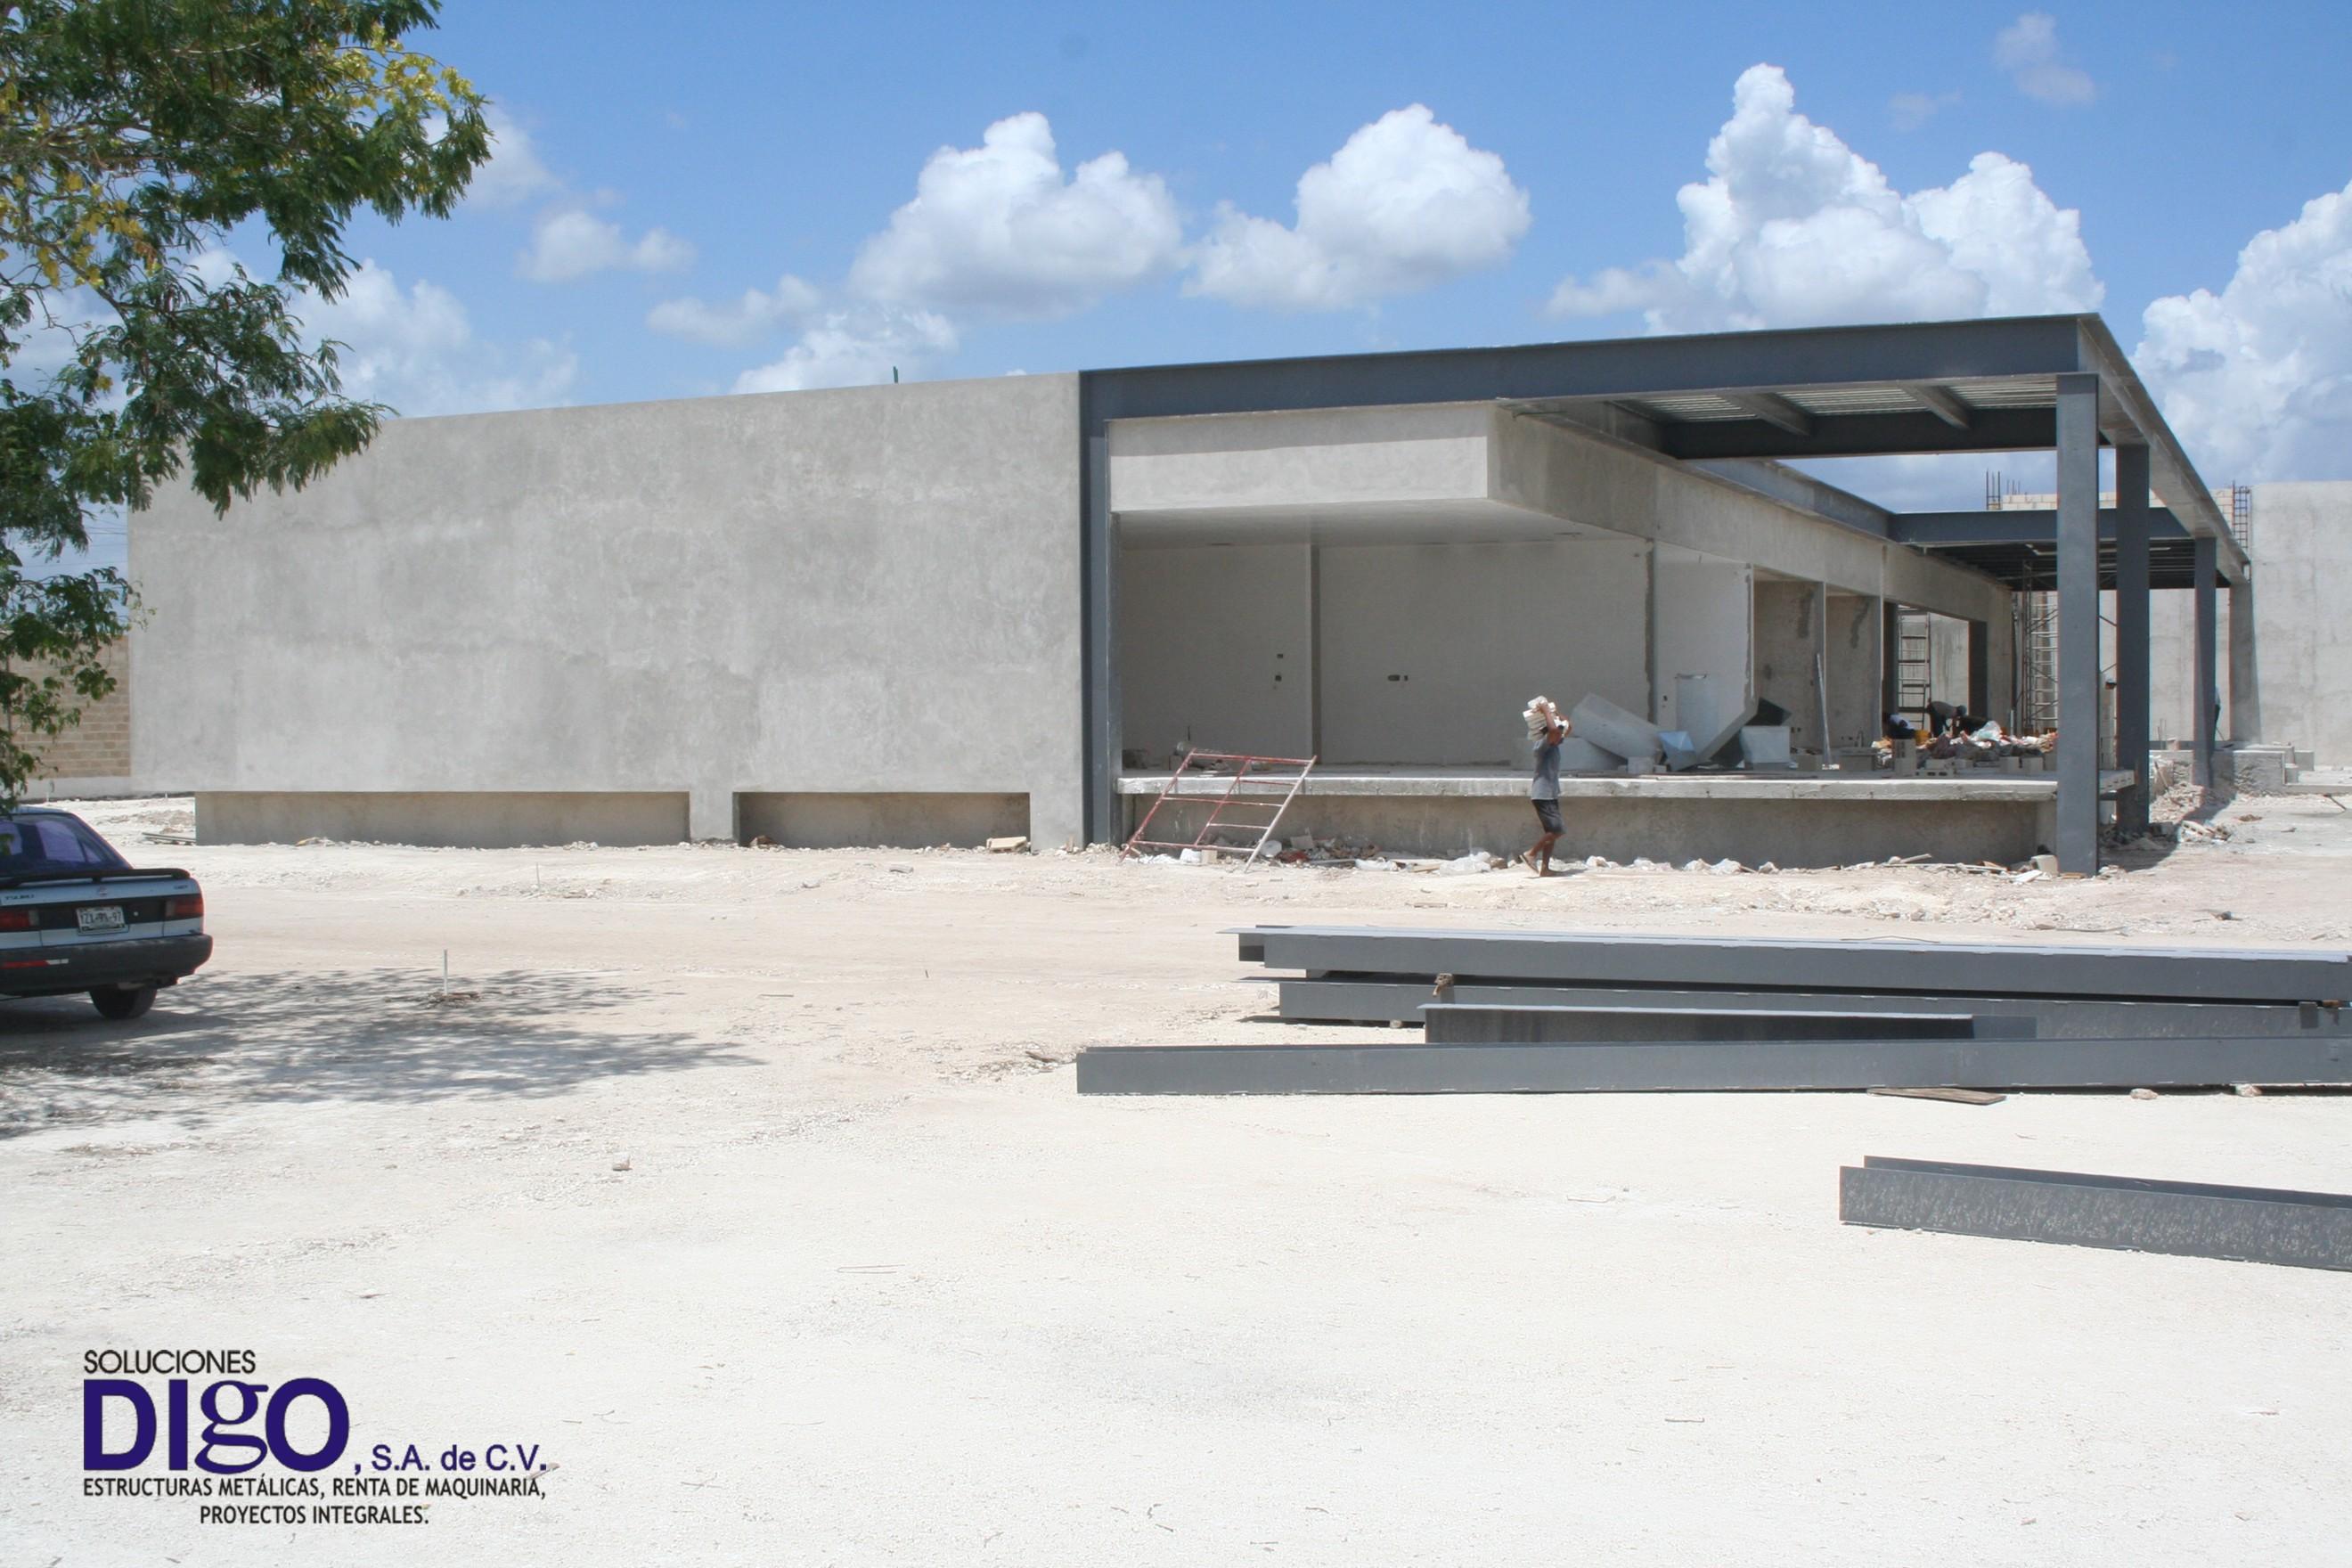 Casa de estructura metalica gallery of foto de archivo - Casas con estructura metalica ...